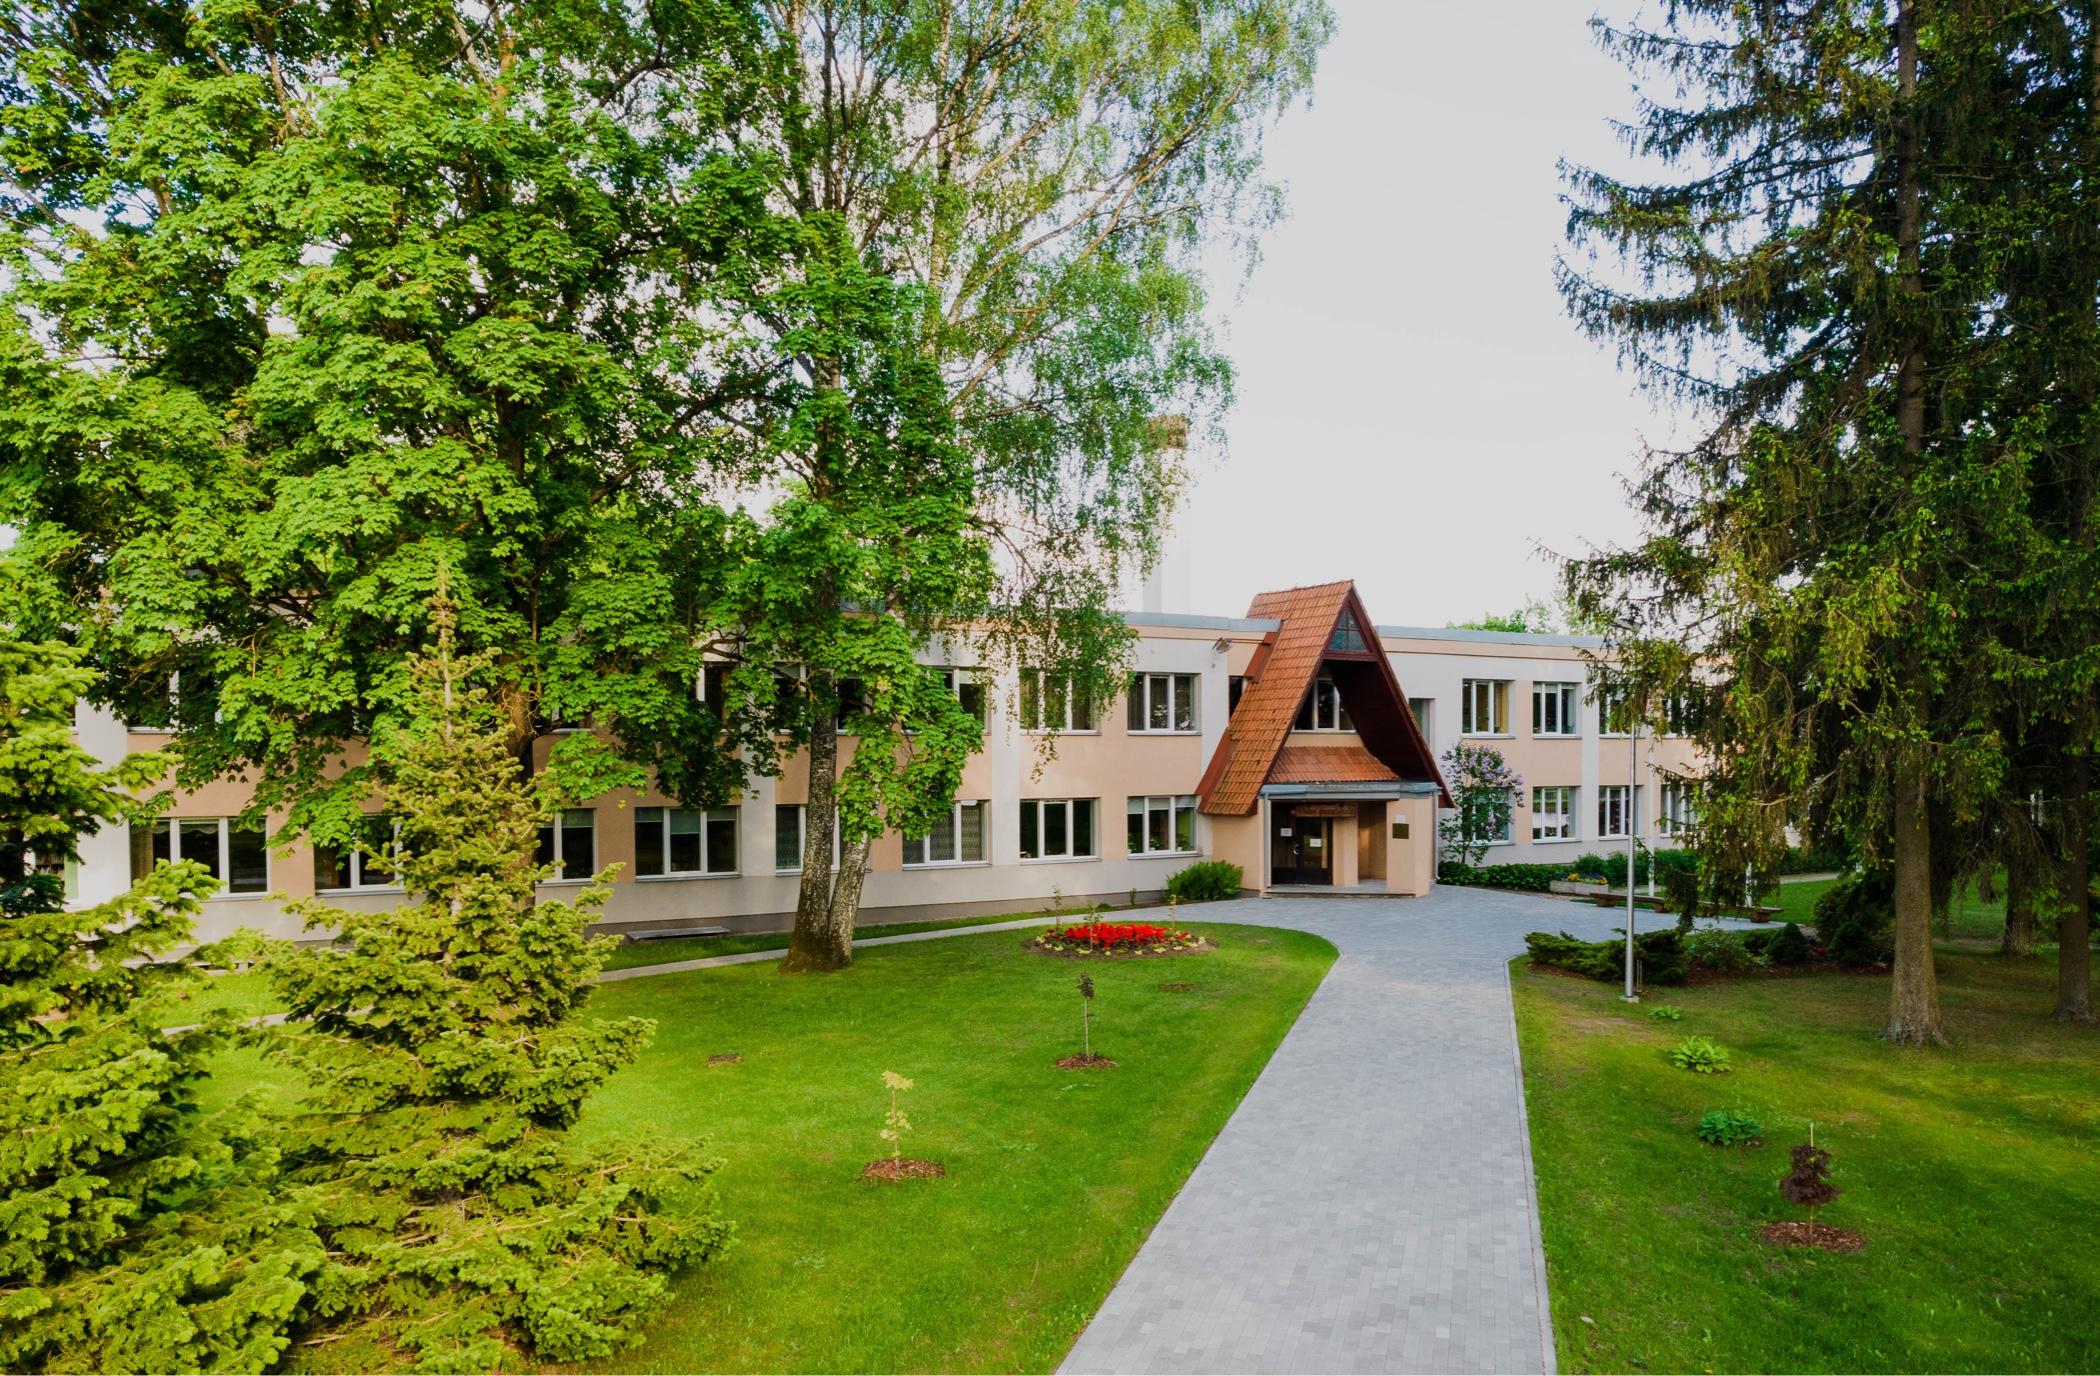 Teteles pamtskolas ēka no priekšpuses. Ēkai apkārt zaļi koki.